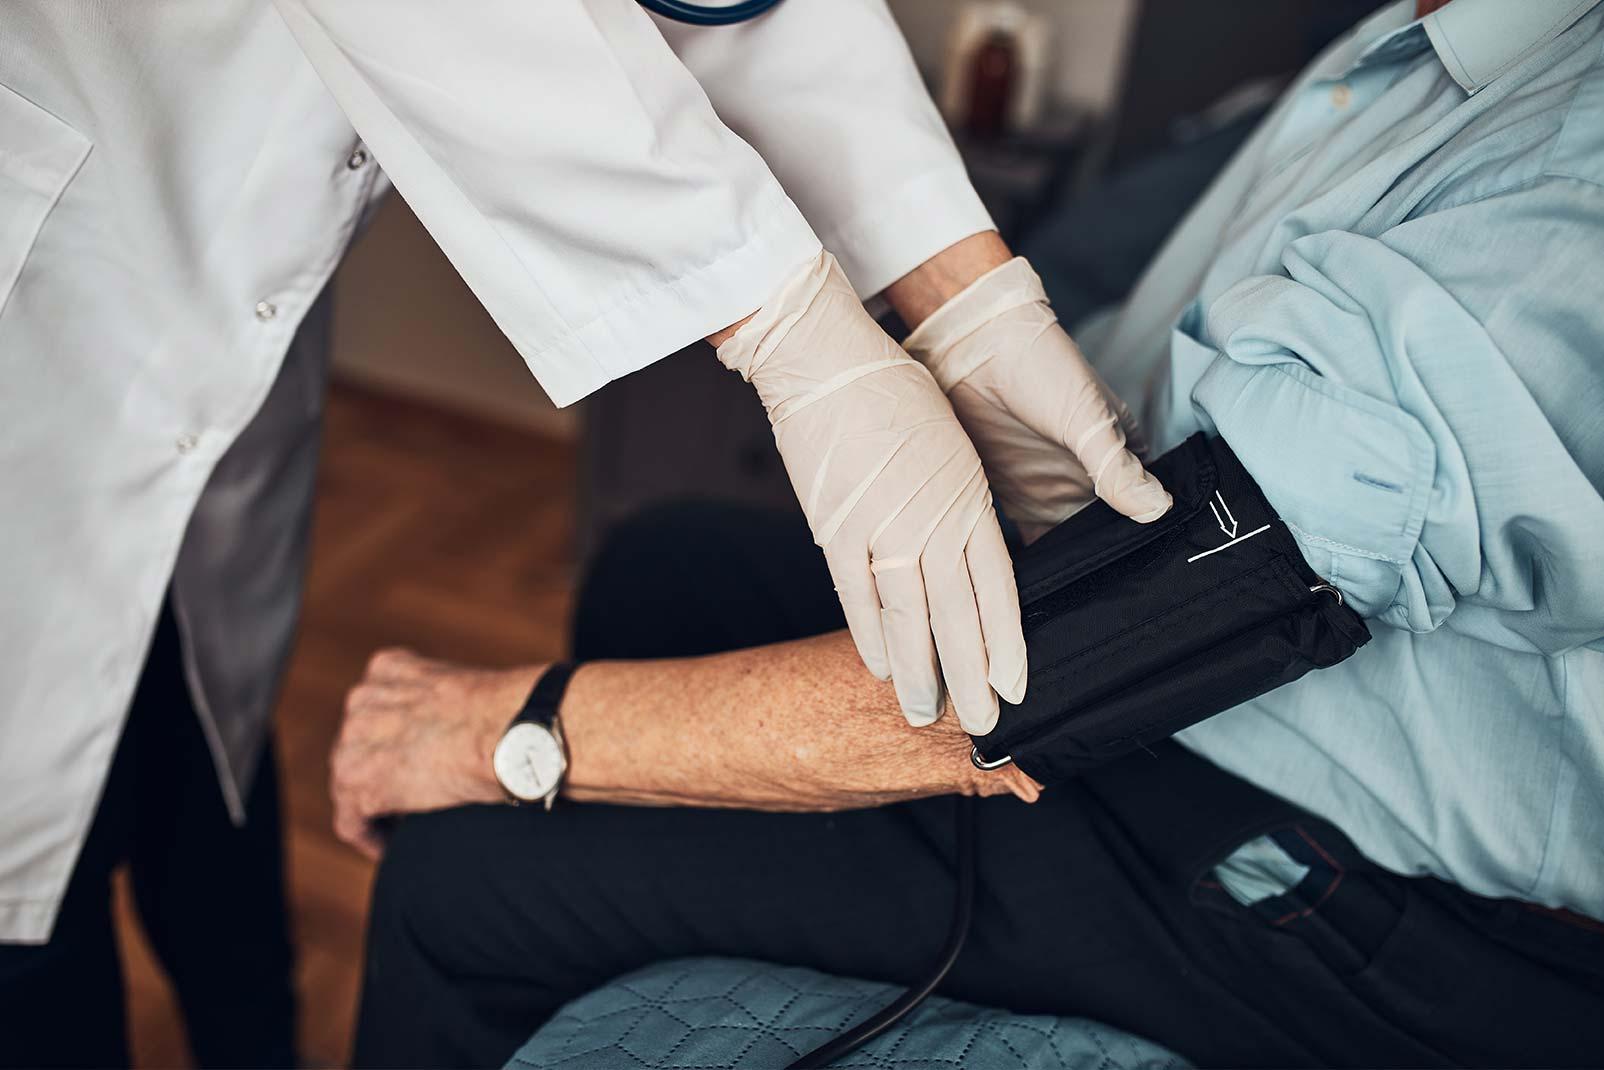 Arzt nimmt Blutdruck bei älterem Mann